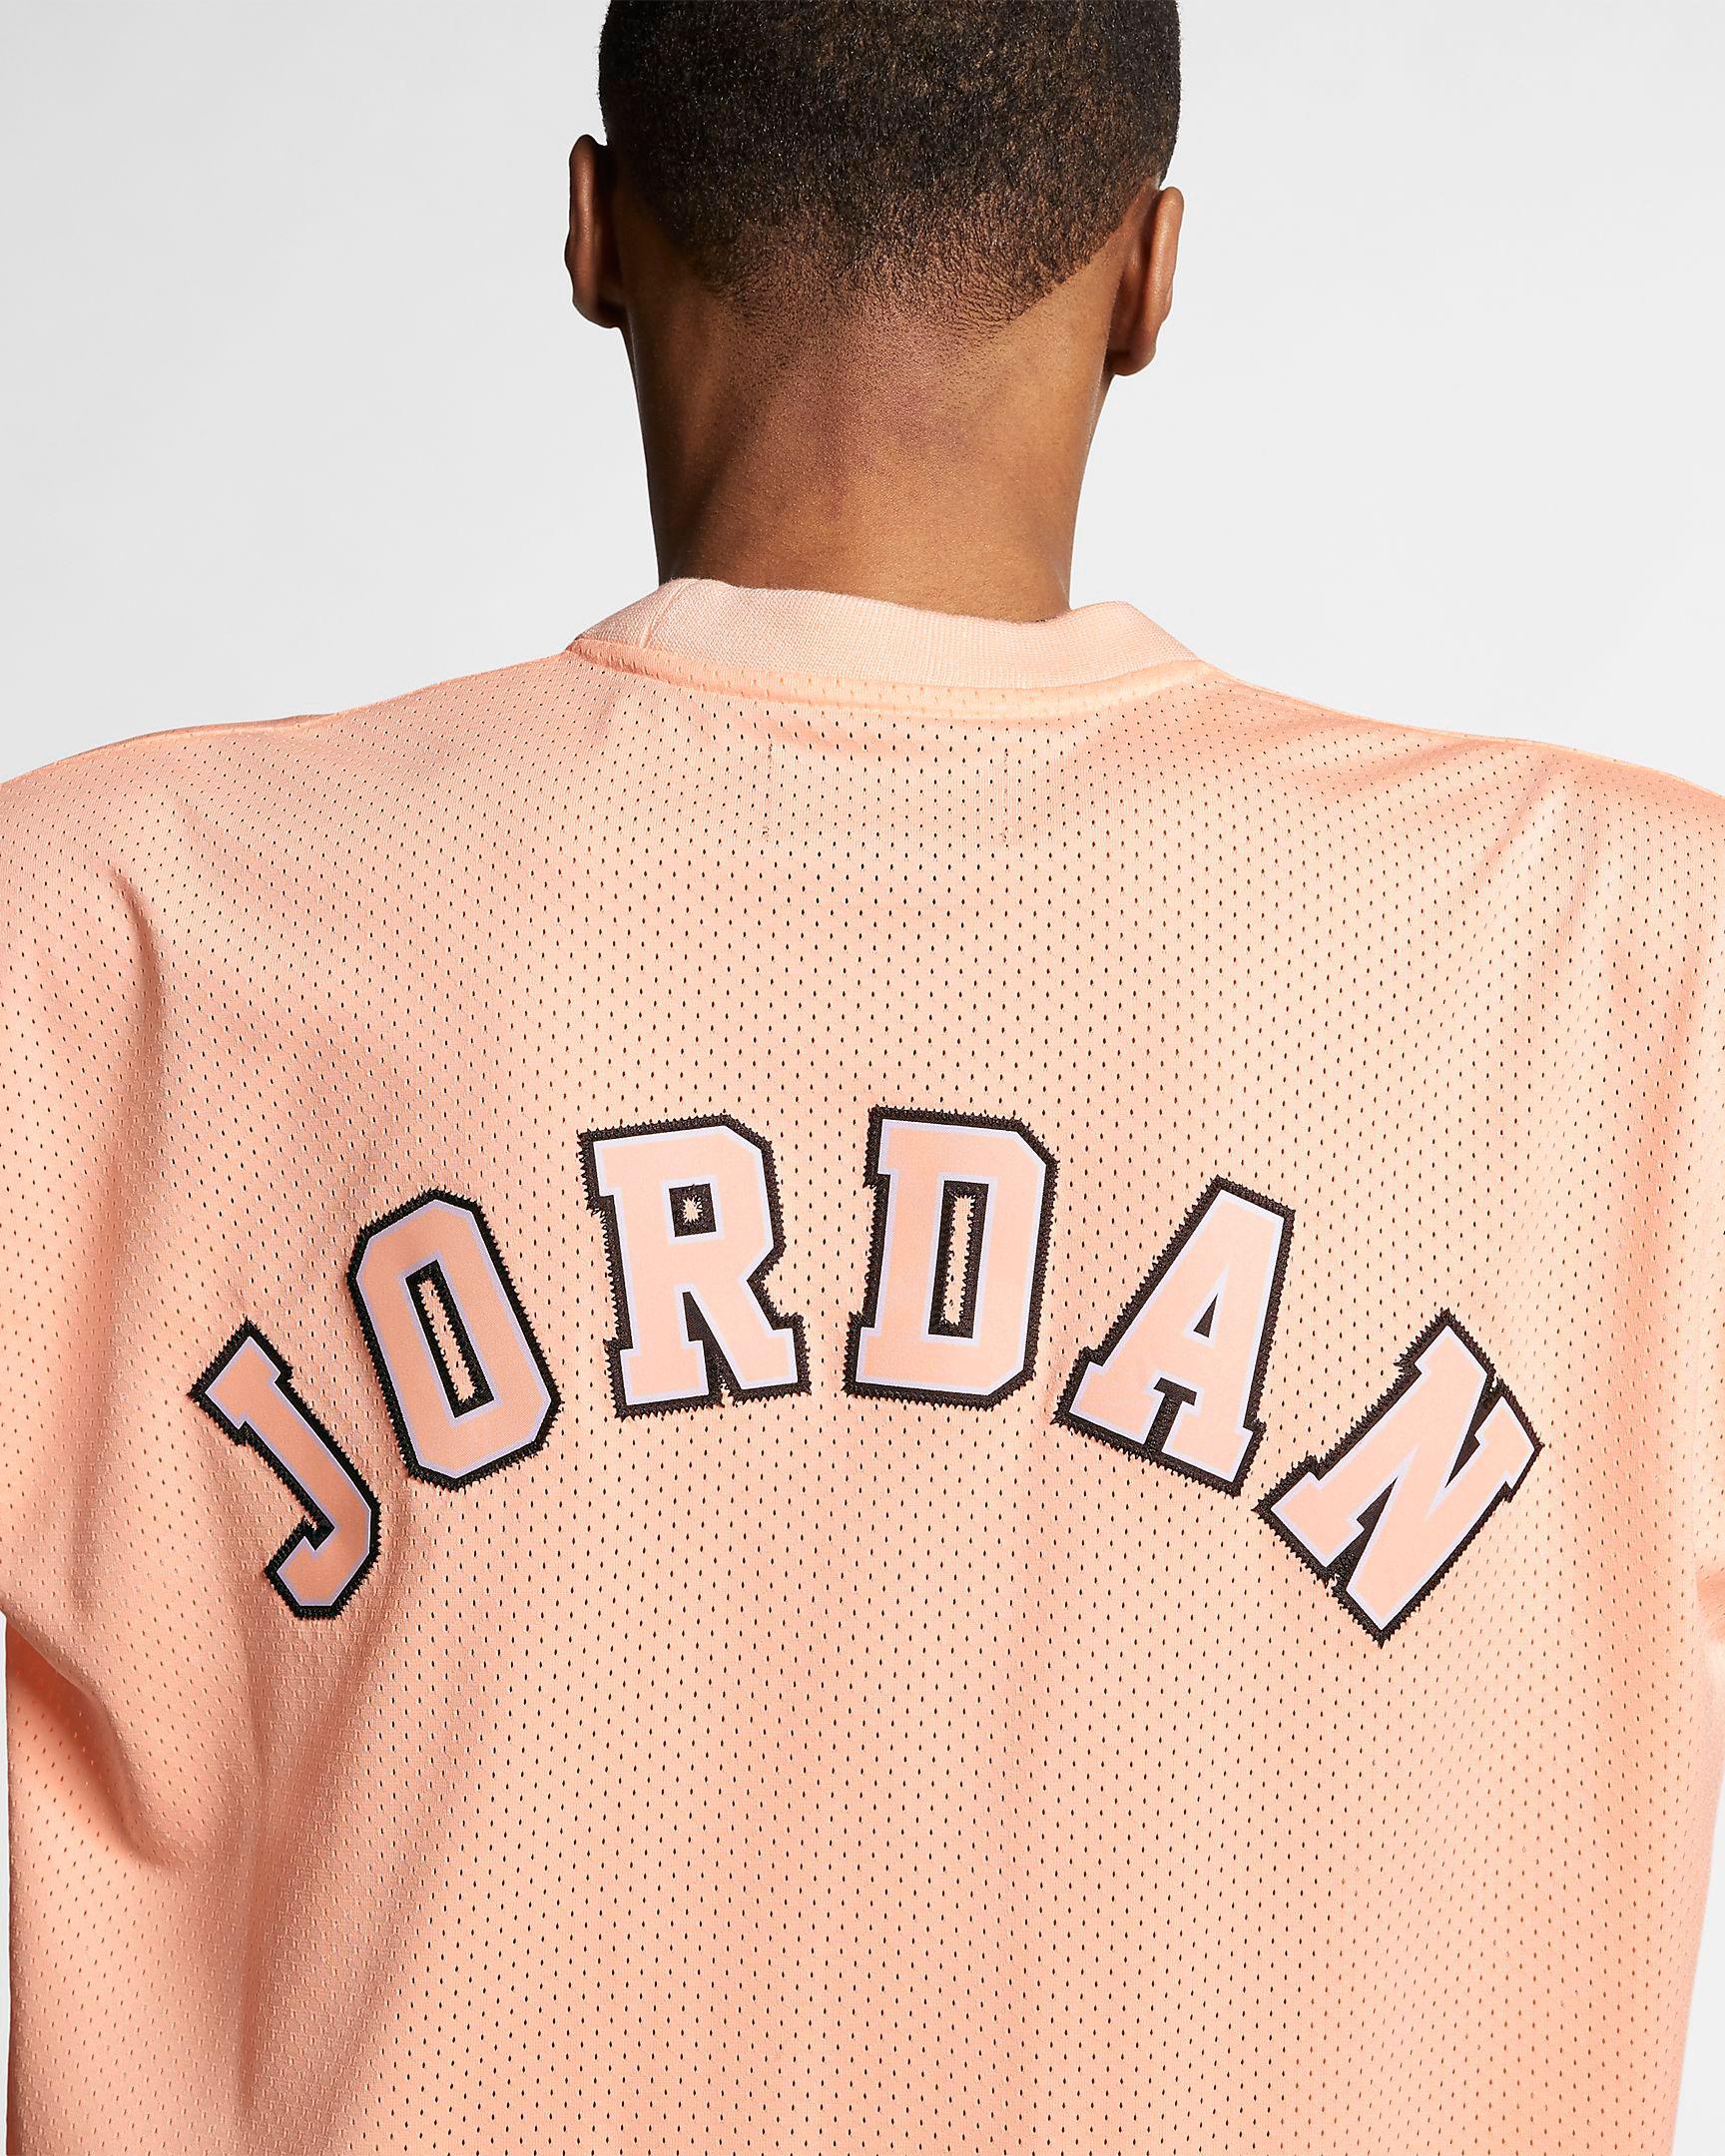 jordan-1-crimson-tint-jersey-shirt-5